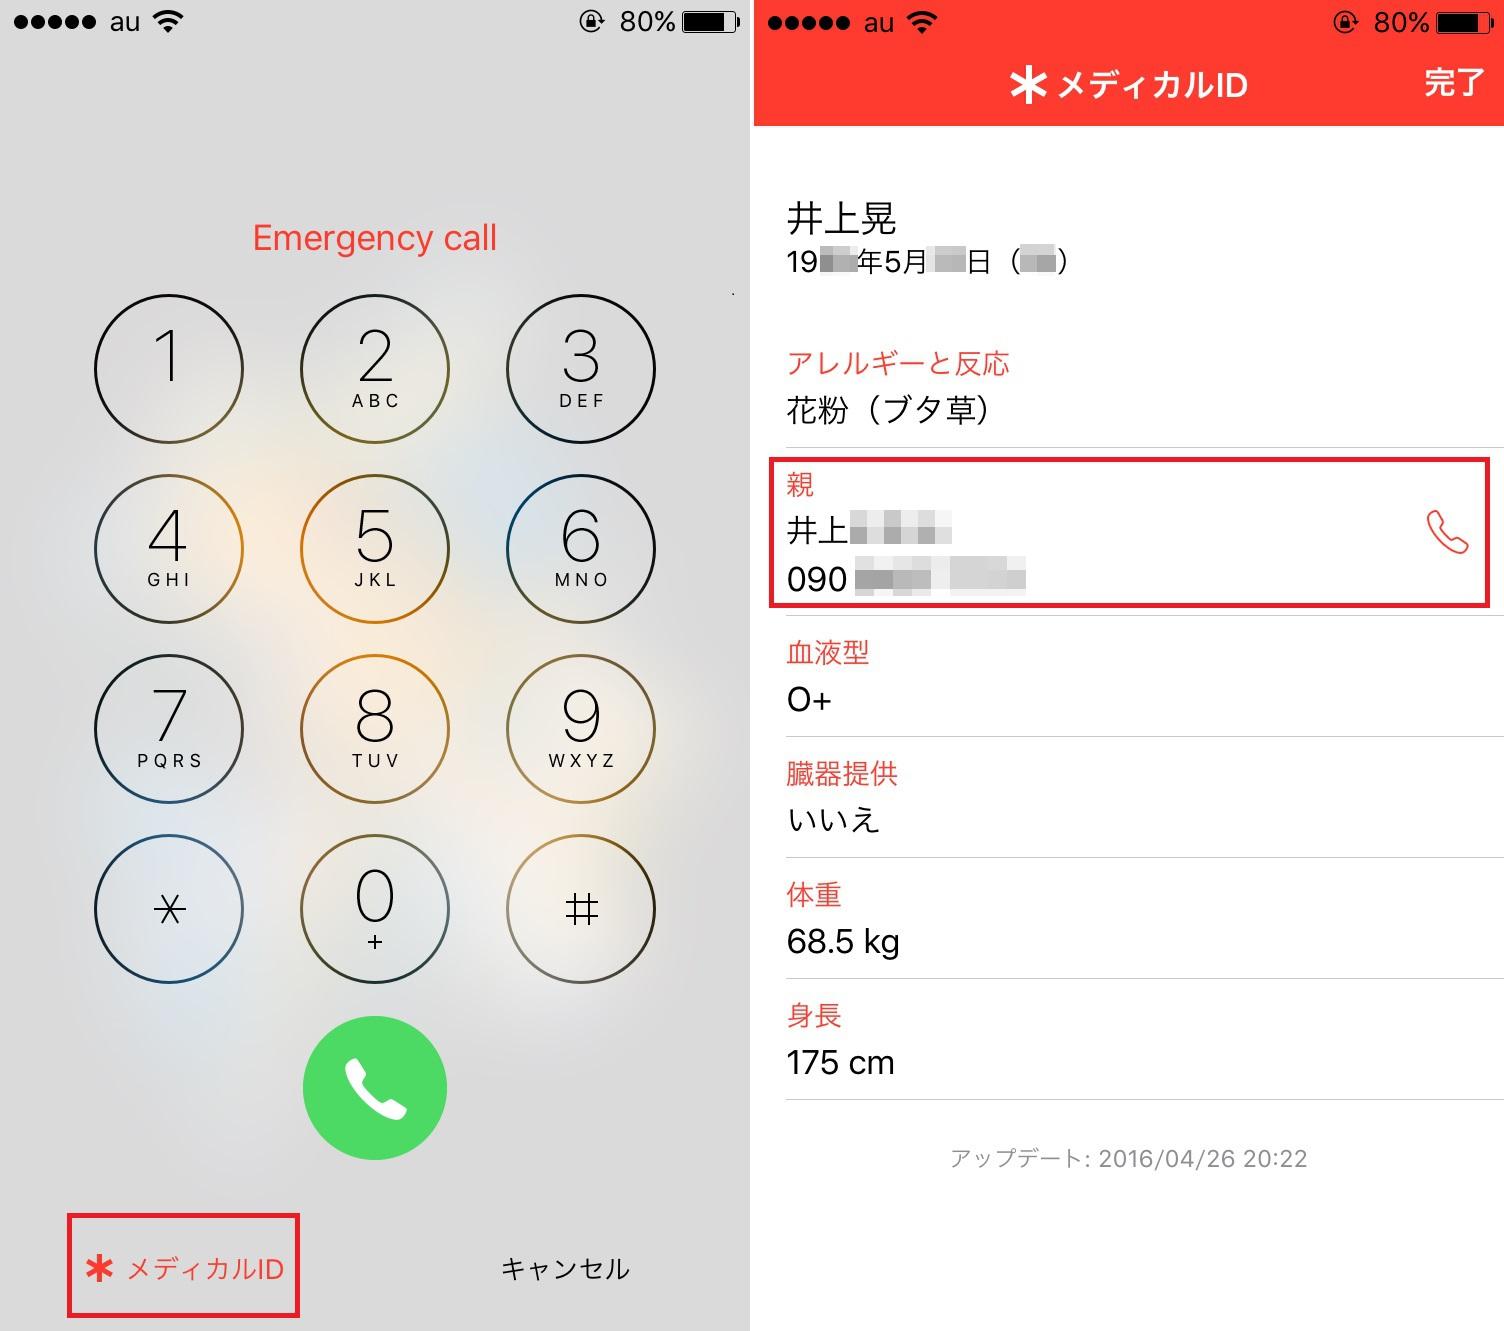 緊急時に身体情報や連絡先を表示できる「メディカルID」のこと、ご存じでした?:iPhone Tips - Engadget Japanese